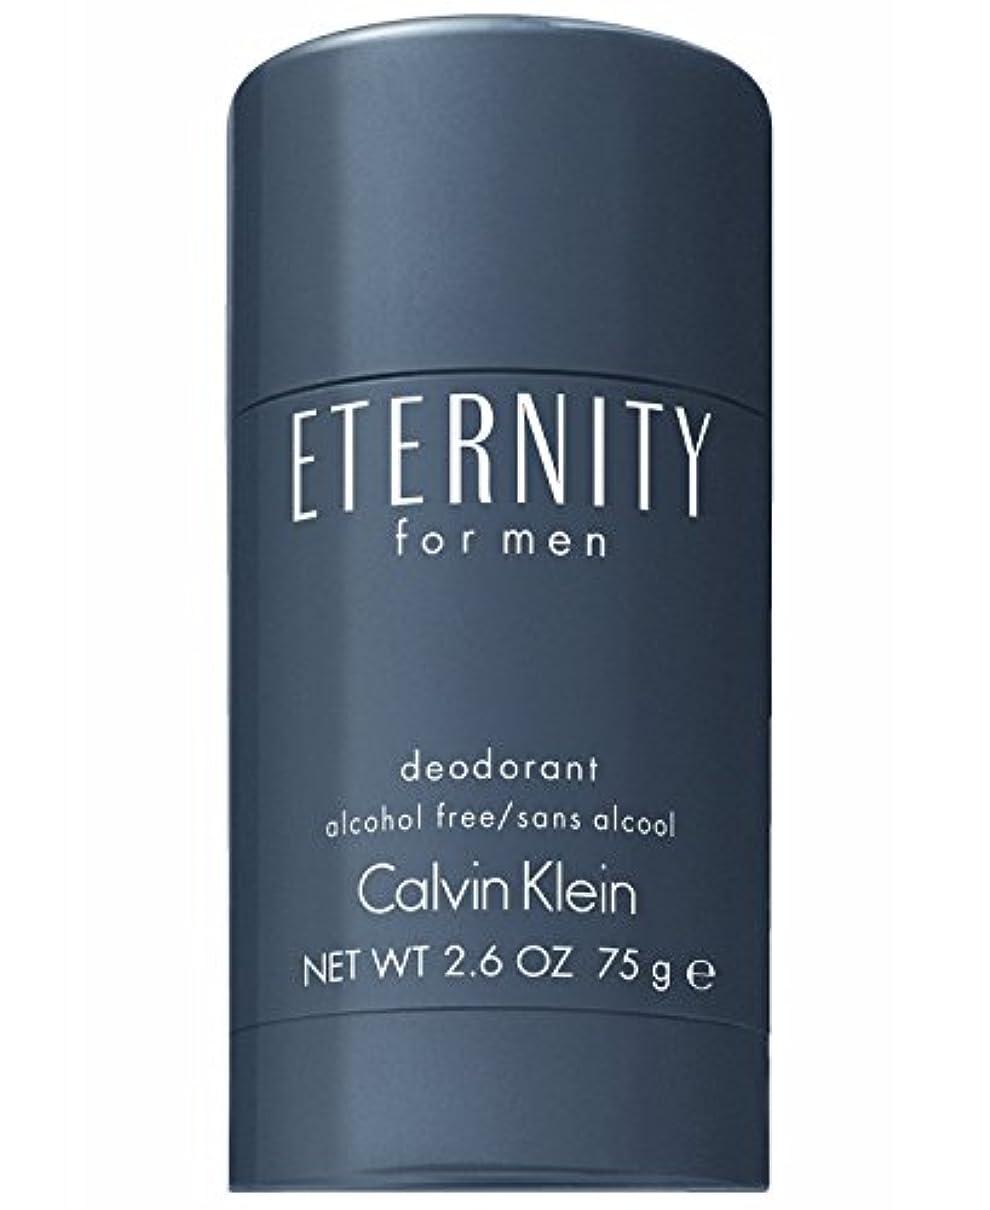 間接的障害遠洋のEternity (エタニティー) 2.6 oz (75ml) Deodorant by Calvin Klein for Men